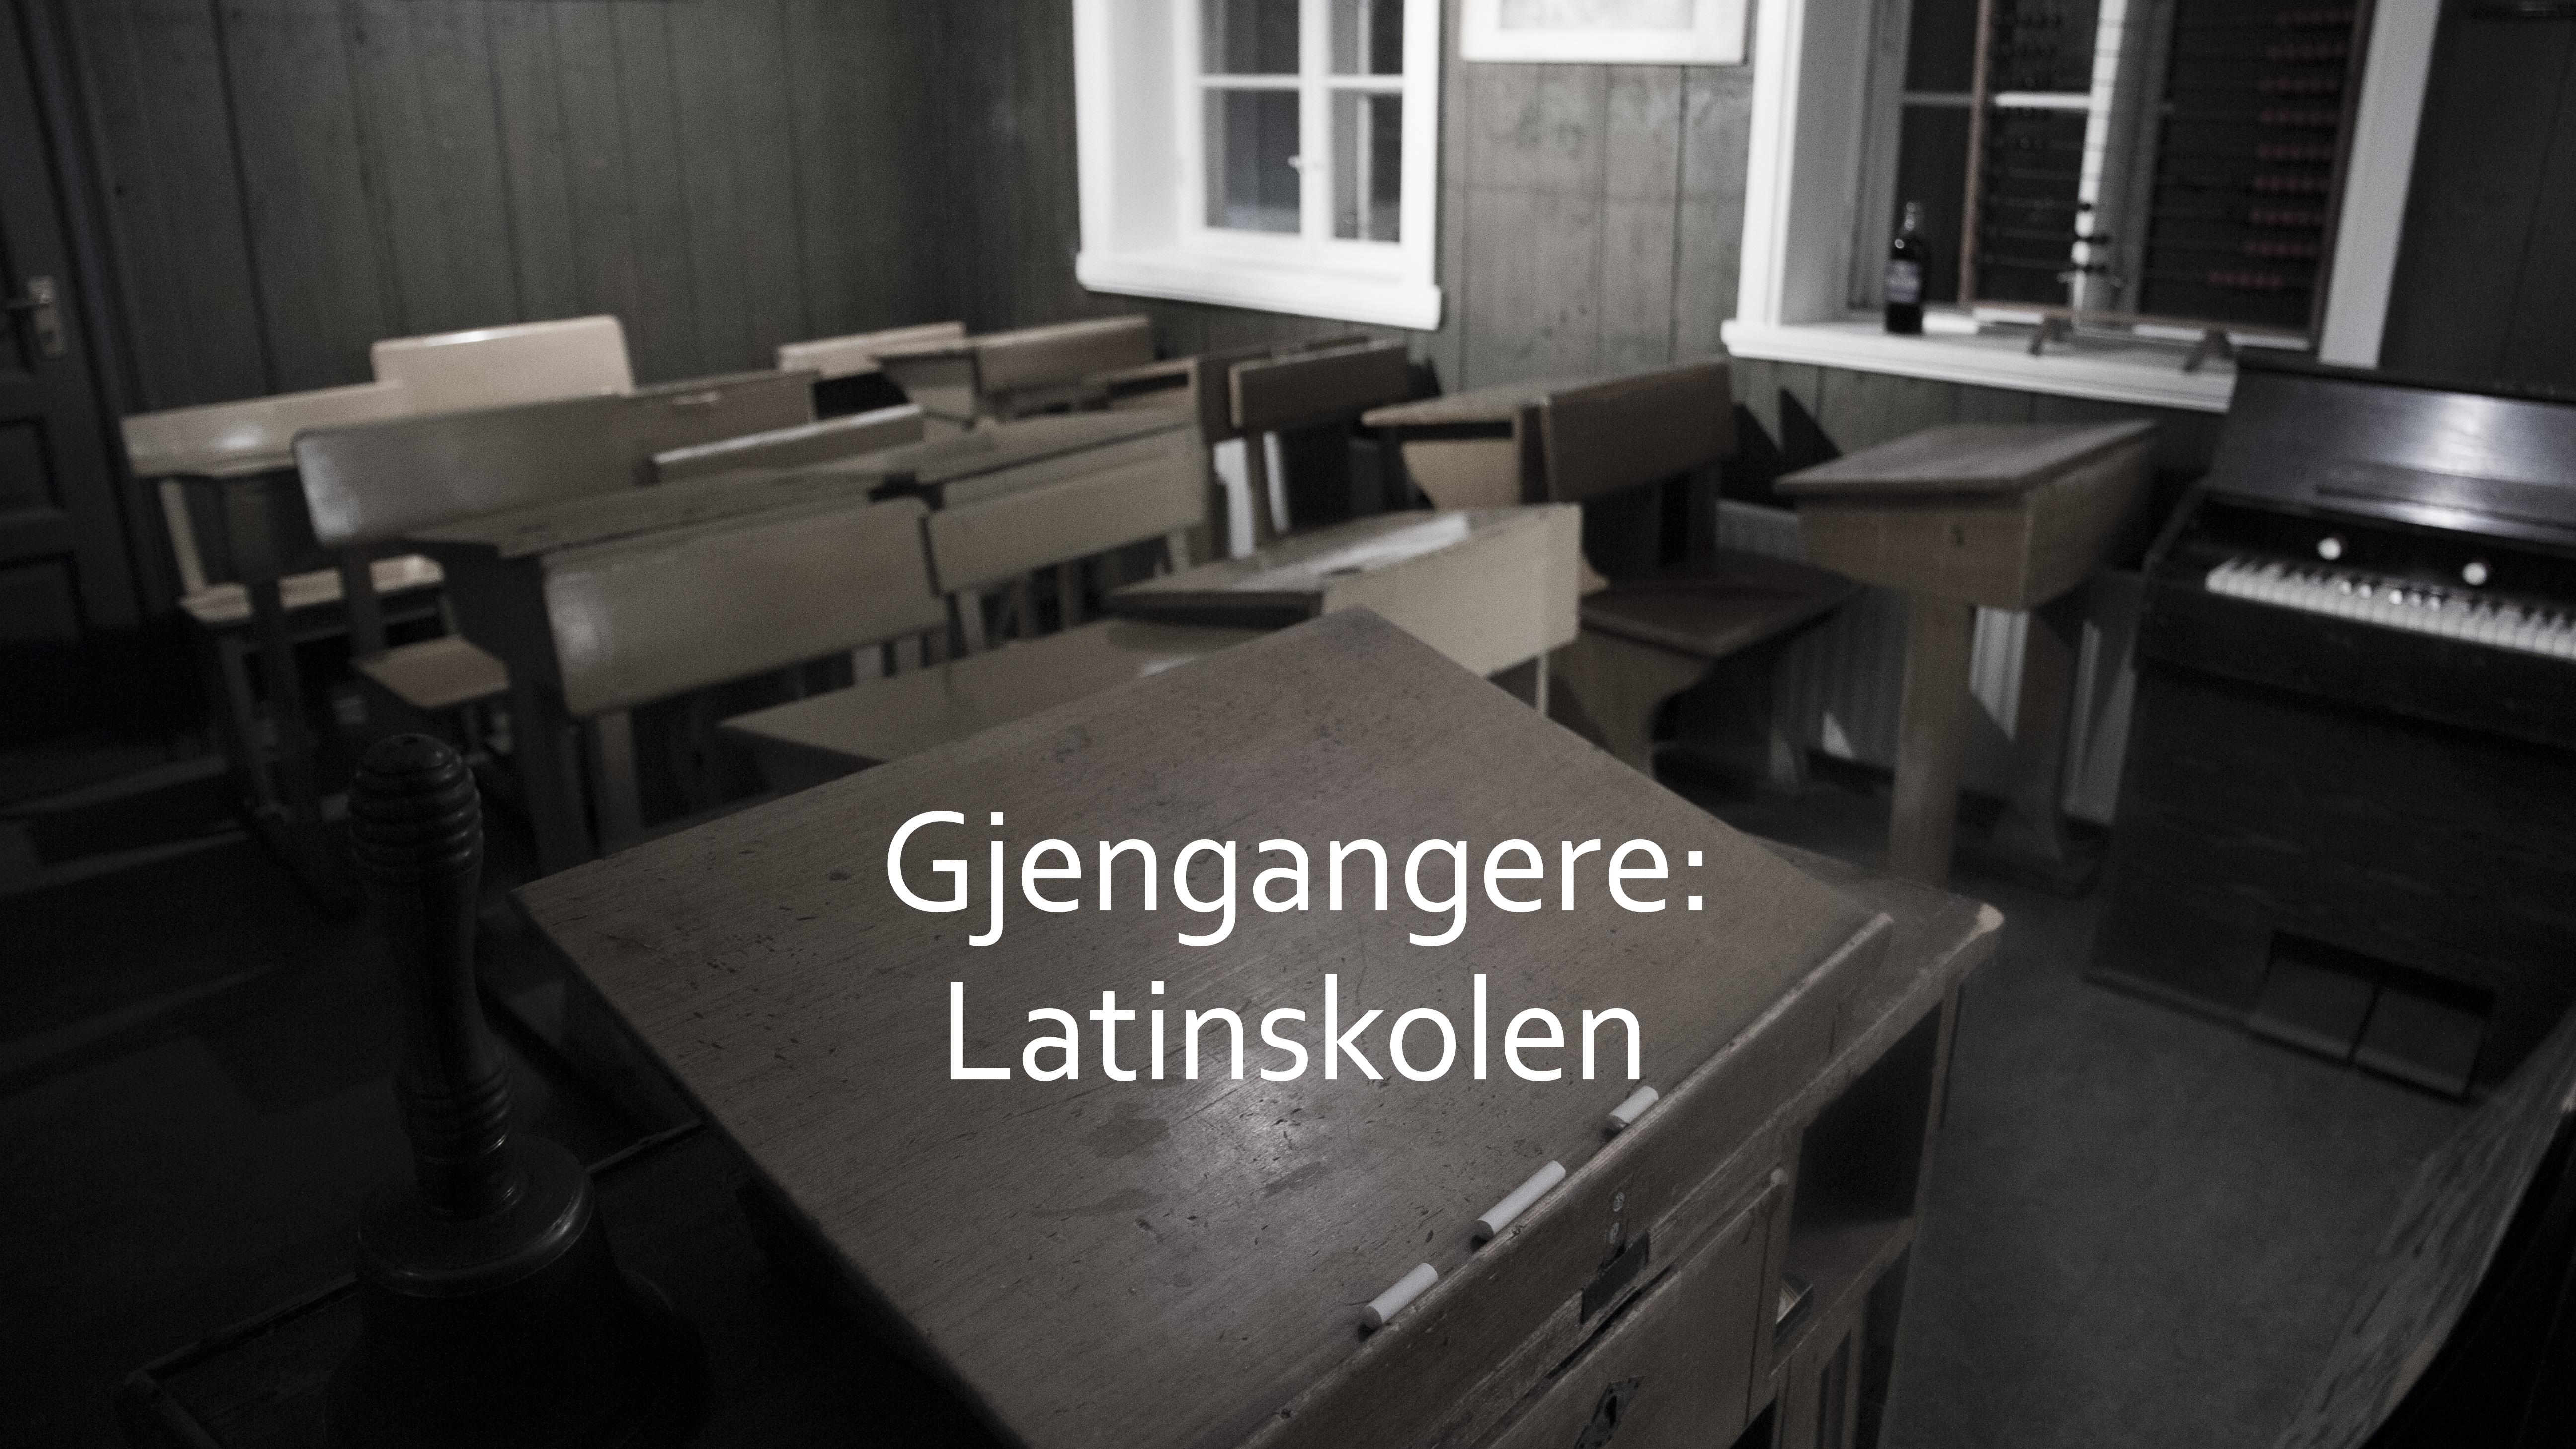 Gjengangere: Latinskolen